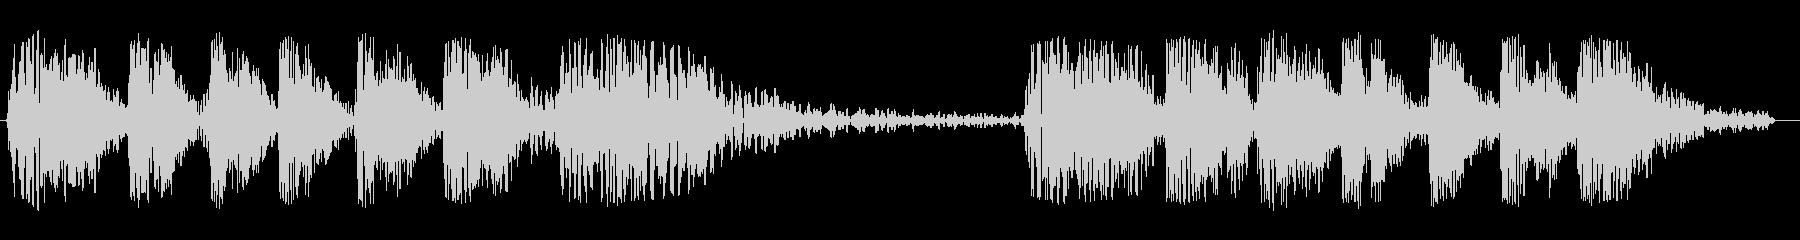 グワングワン・・・グワングワン(伸縮)の未再生の波形